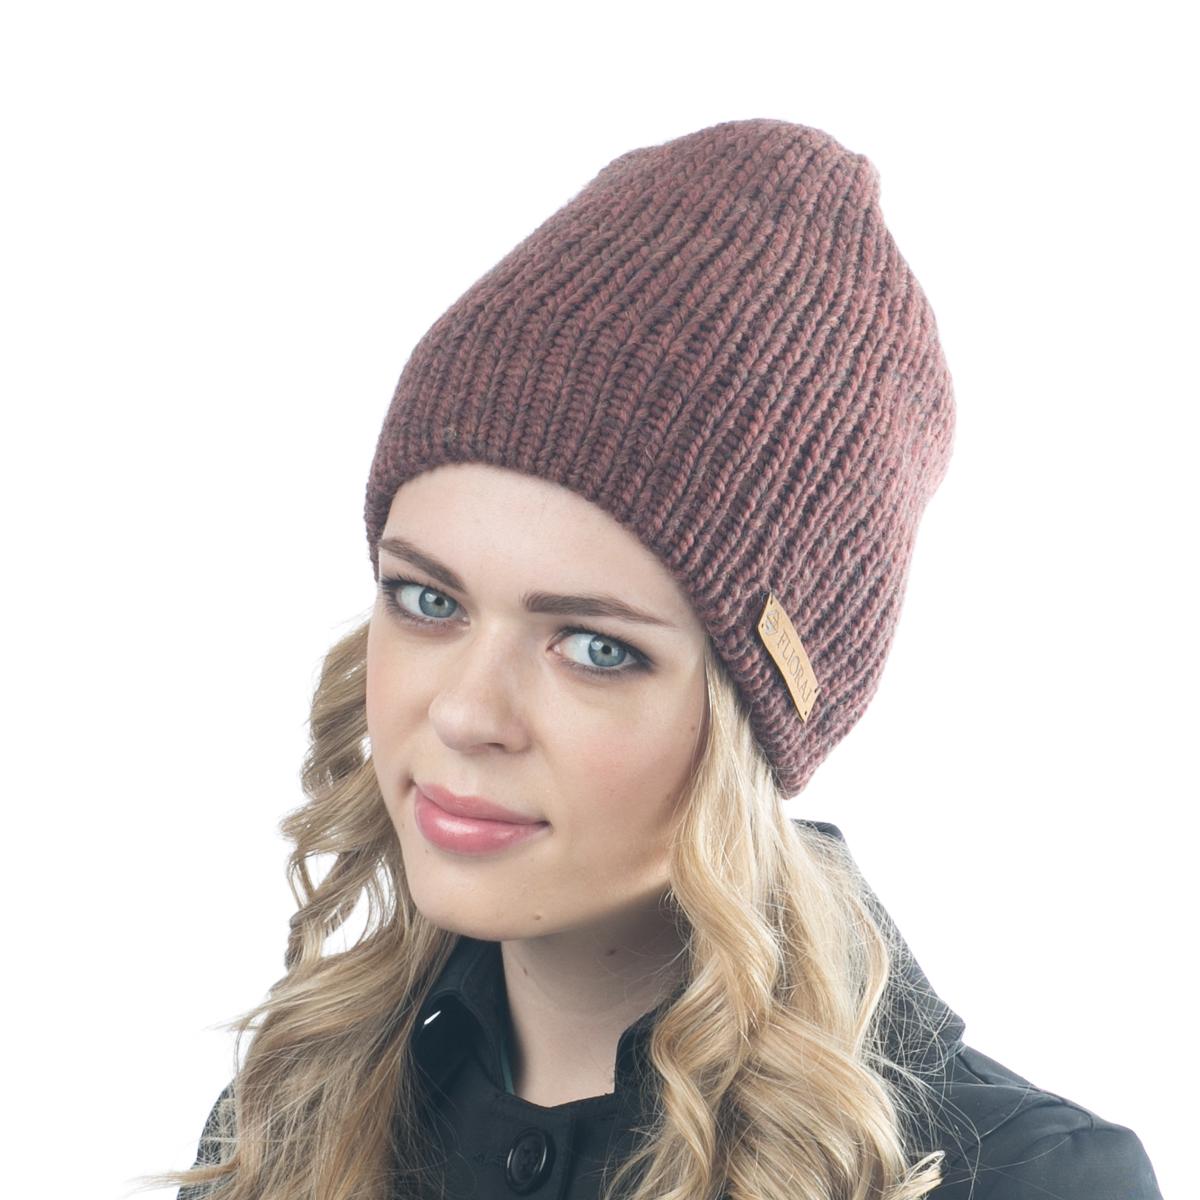 09FJТеплая двойная шапка Flioraj выполнена из объемной итальянской пряжи. Пряжа из овечьей шерсти и шерсти горной альпаки с добавлением полиакрила и вискозы делает изделие мягким, теплым, комфортным. Уважаемые клиенты! Размер, доступный для заказа, является обхватом головы.